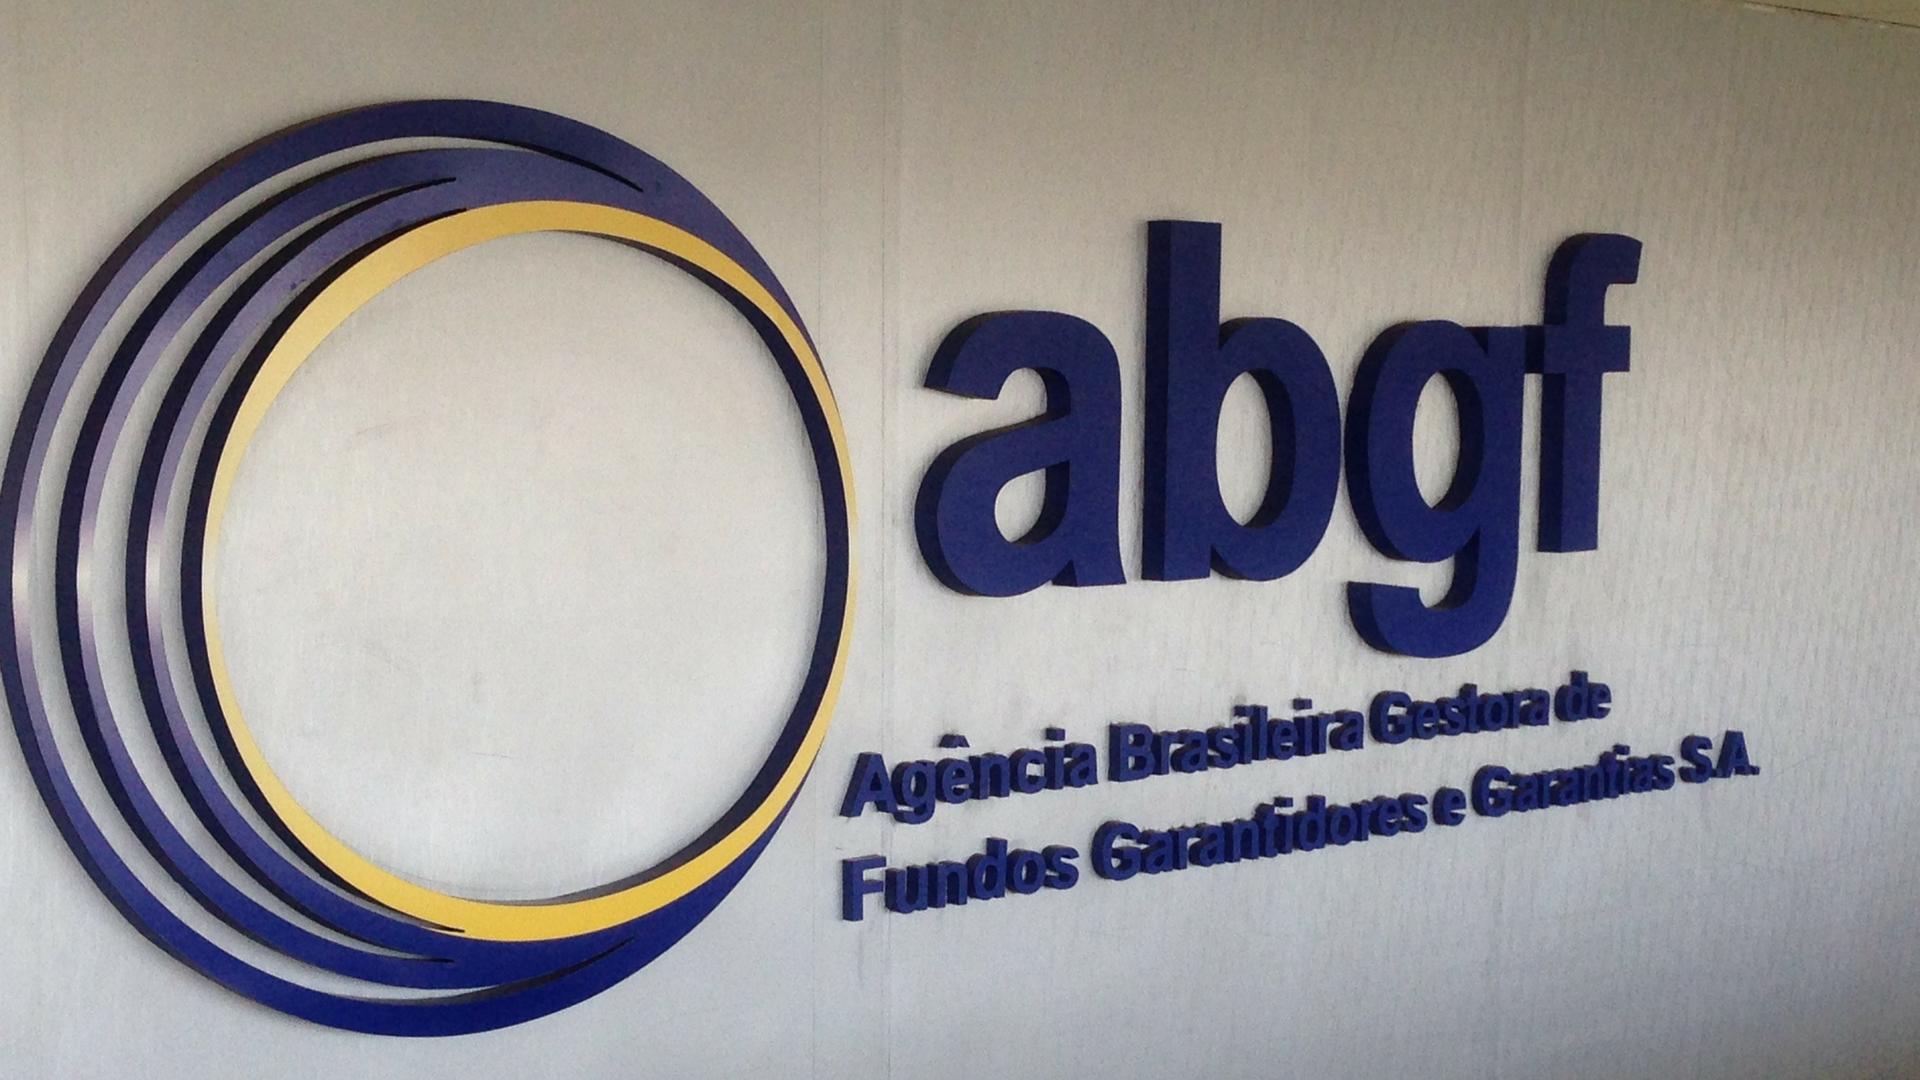 Conselho de Administração da ABGF elege membros do Comitê de Auditoria